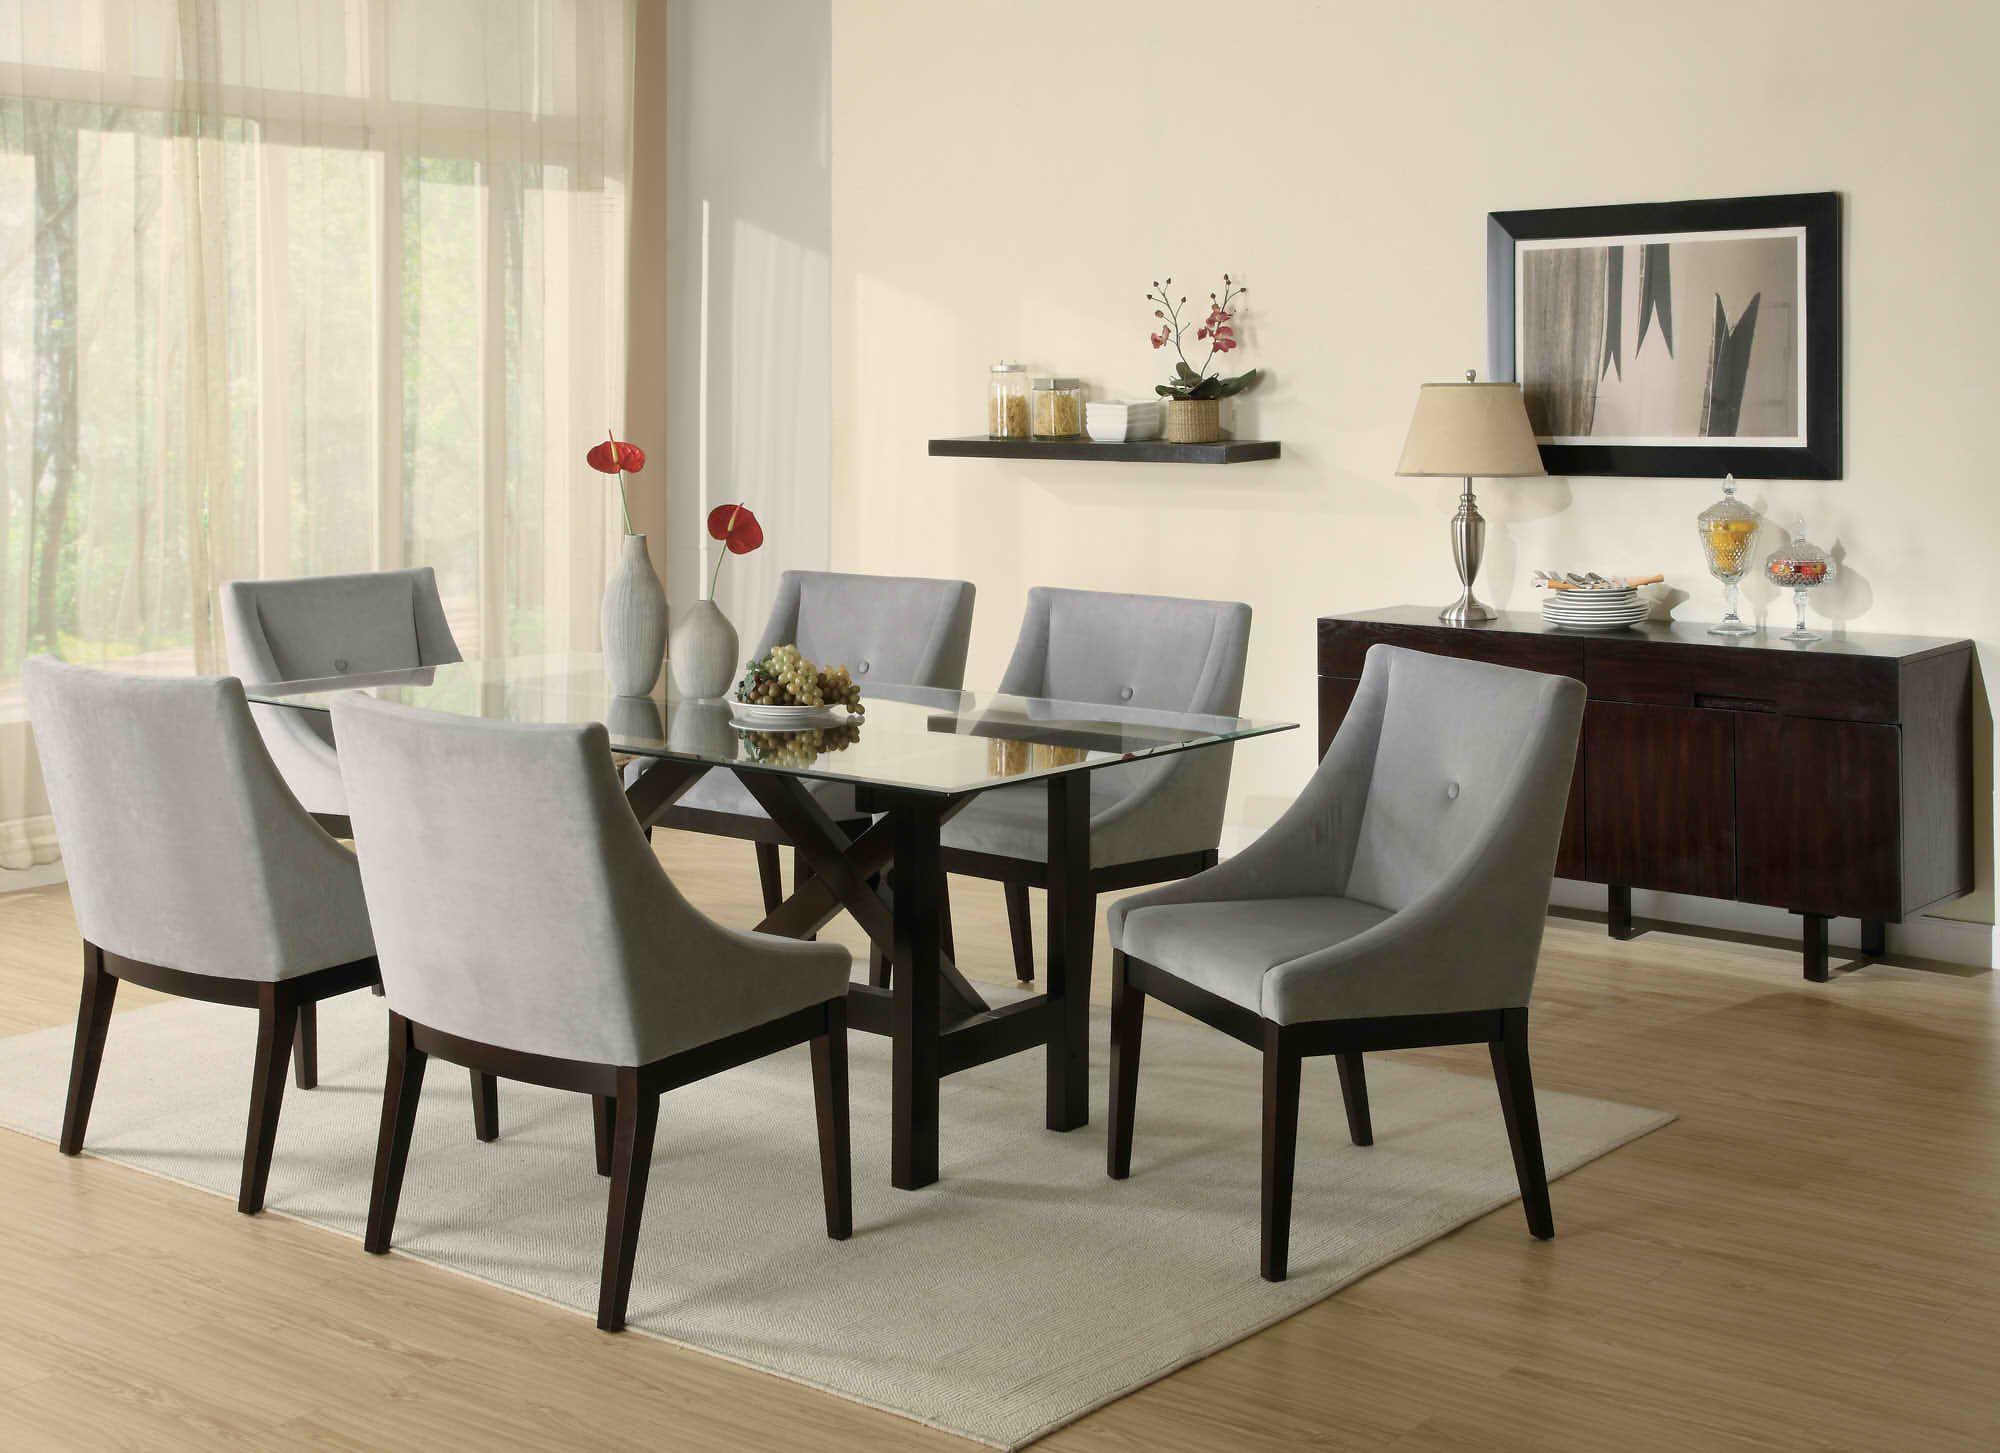 Trendige Esszimmer Stühle | Stühle | Pinterest | Stuhl und Esszimmer